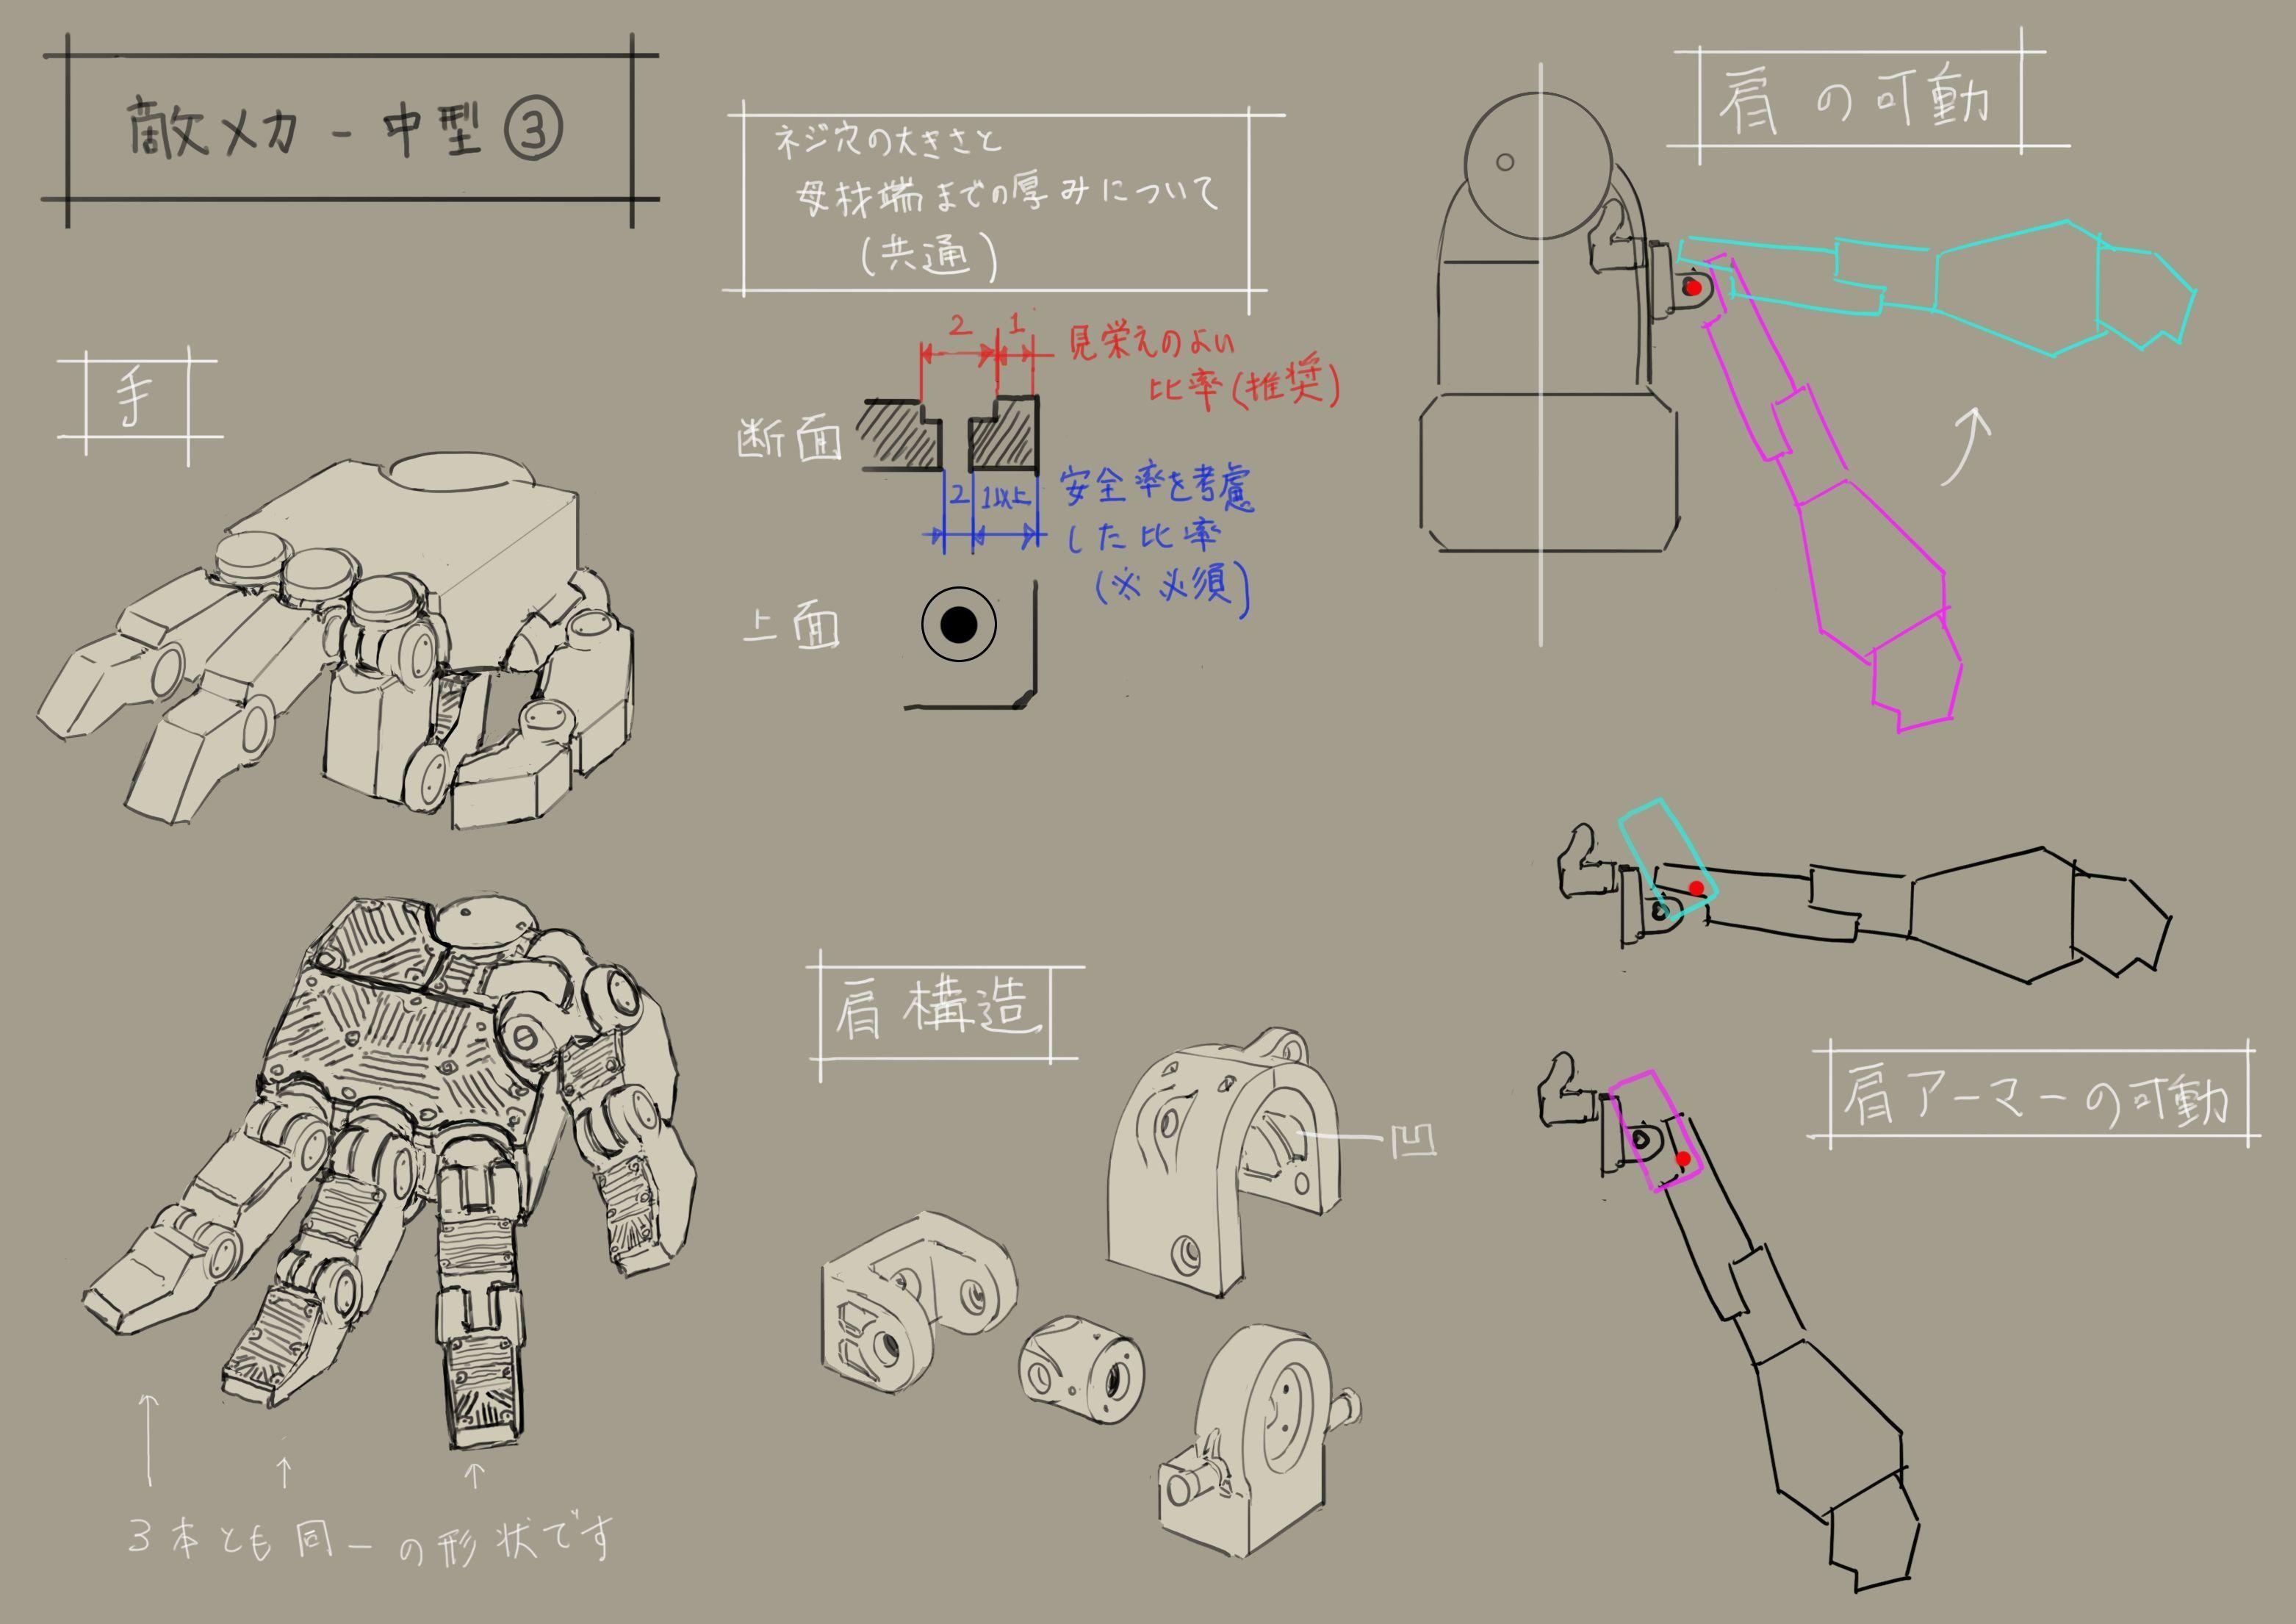 #NieR2 #NieRAutomata #PlayStation4 #PS4 Para más información sobre #Videojuegos, Suscríbete a nuestra página web: http://legiondejugadores.com/ y síguenos en Twitter https://twitter.com/LegionJugadores